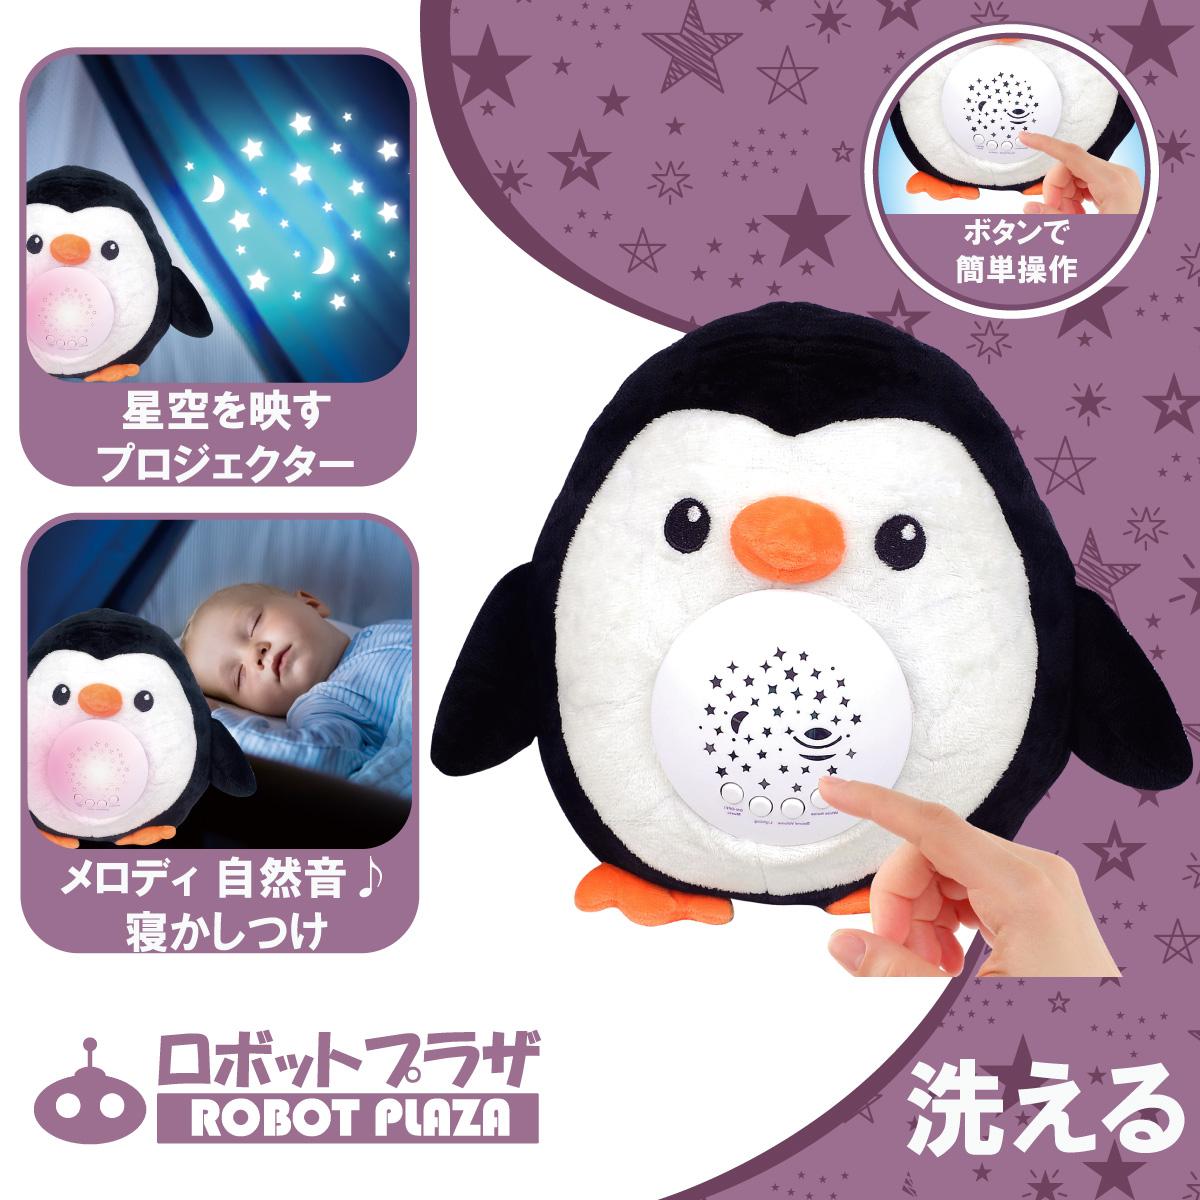 ペンギンのぬいぐるみ 星空を映すプロジェクター機能付き メロディー、自然音や心音で寝かしつけ しかも洗える